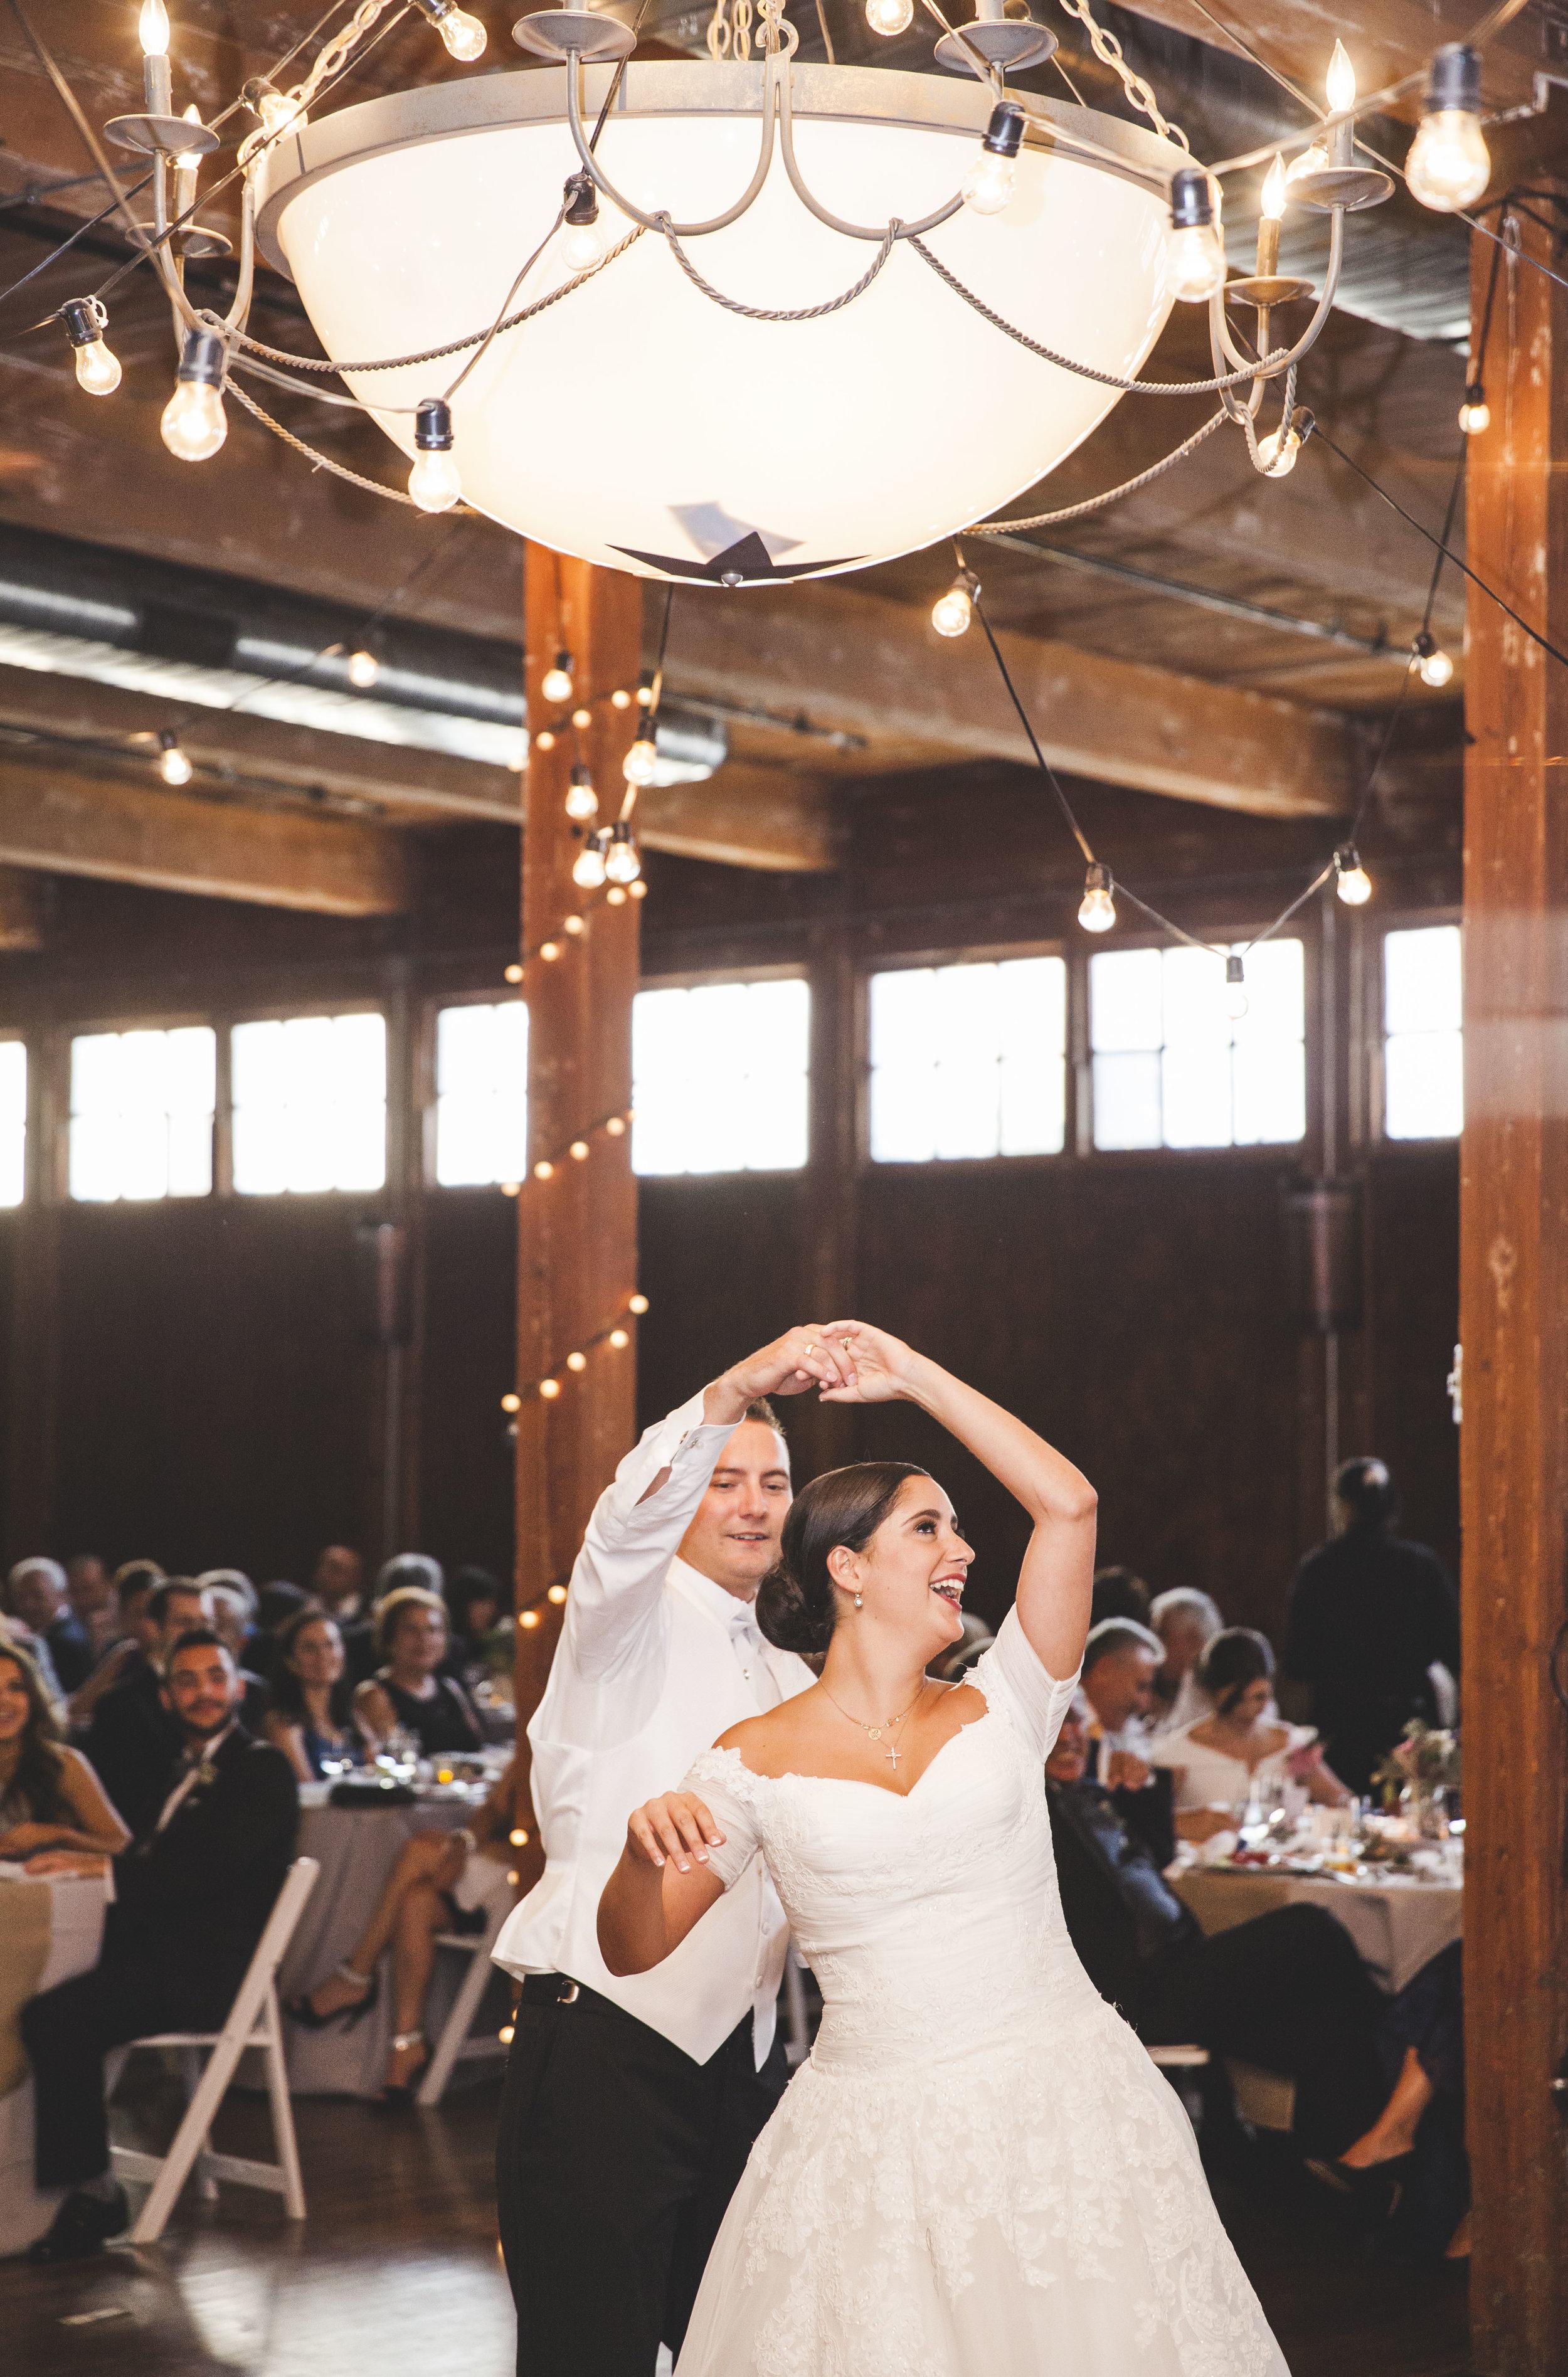 ATGI_Magali & Josh Wedding1__520.jpg